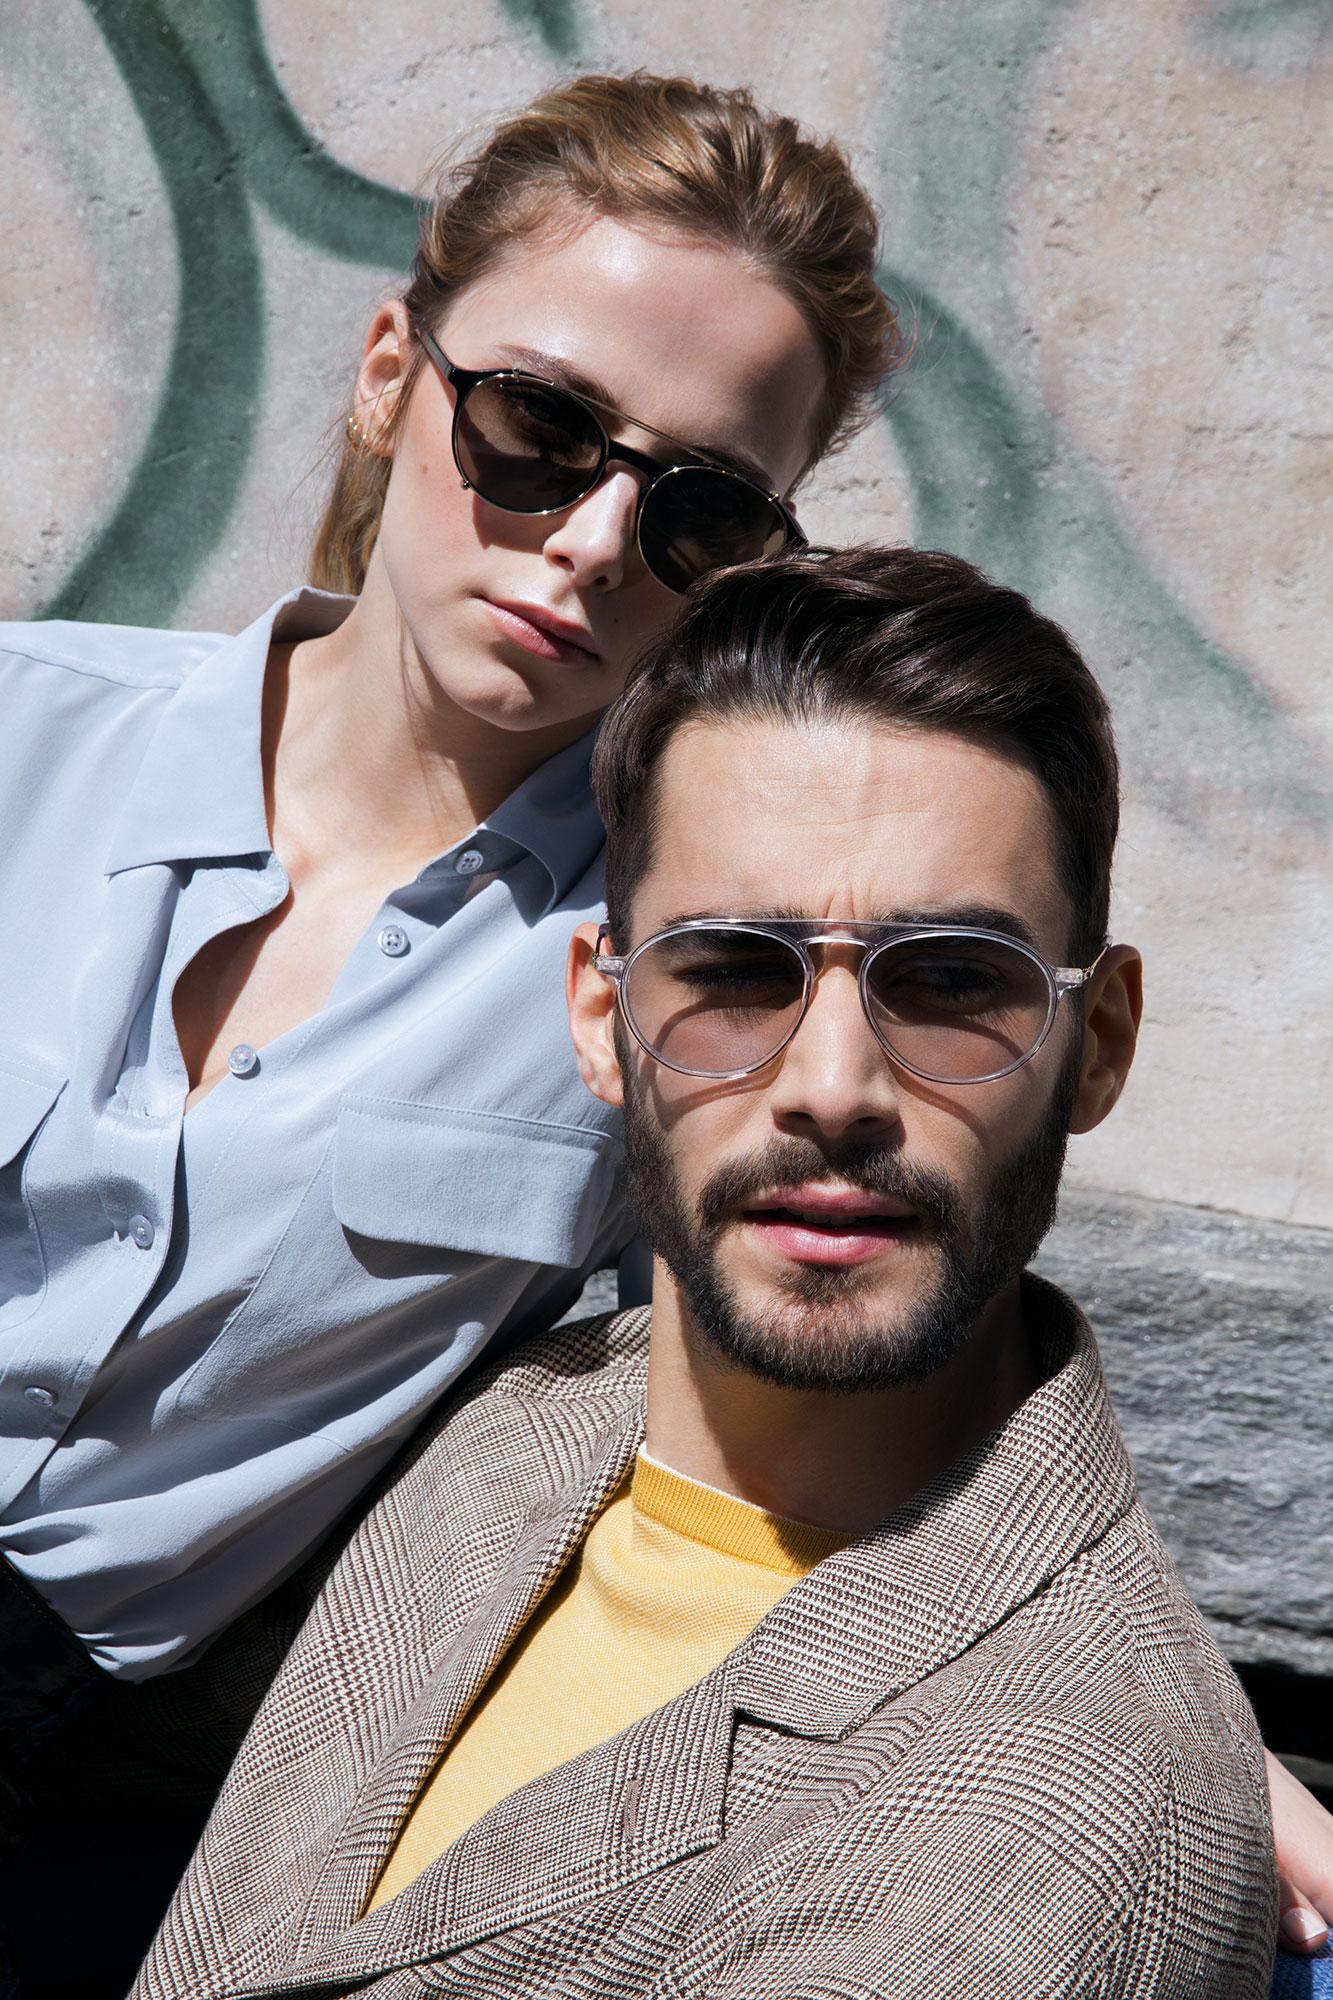 Lozza Campaign 2019 | Graziano De Luca | Lozza | Numerique Retouch Photo Retouching Studio